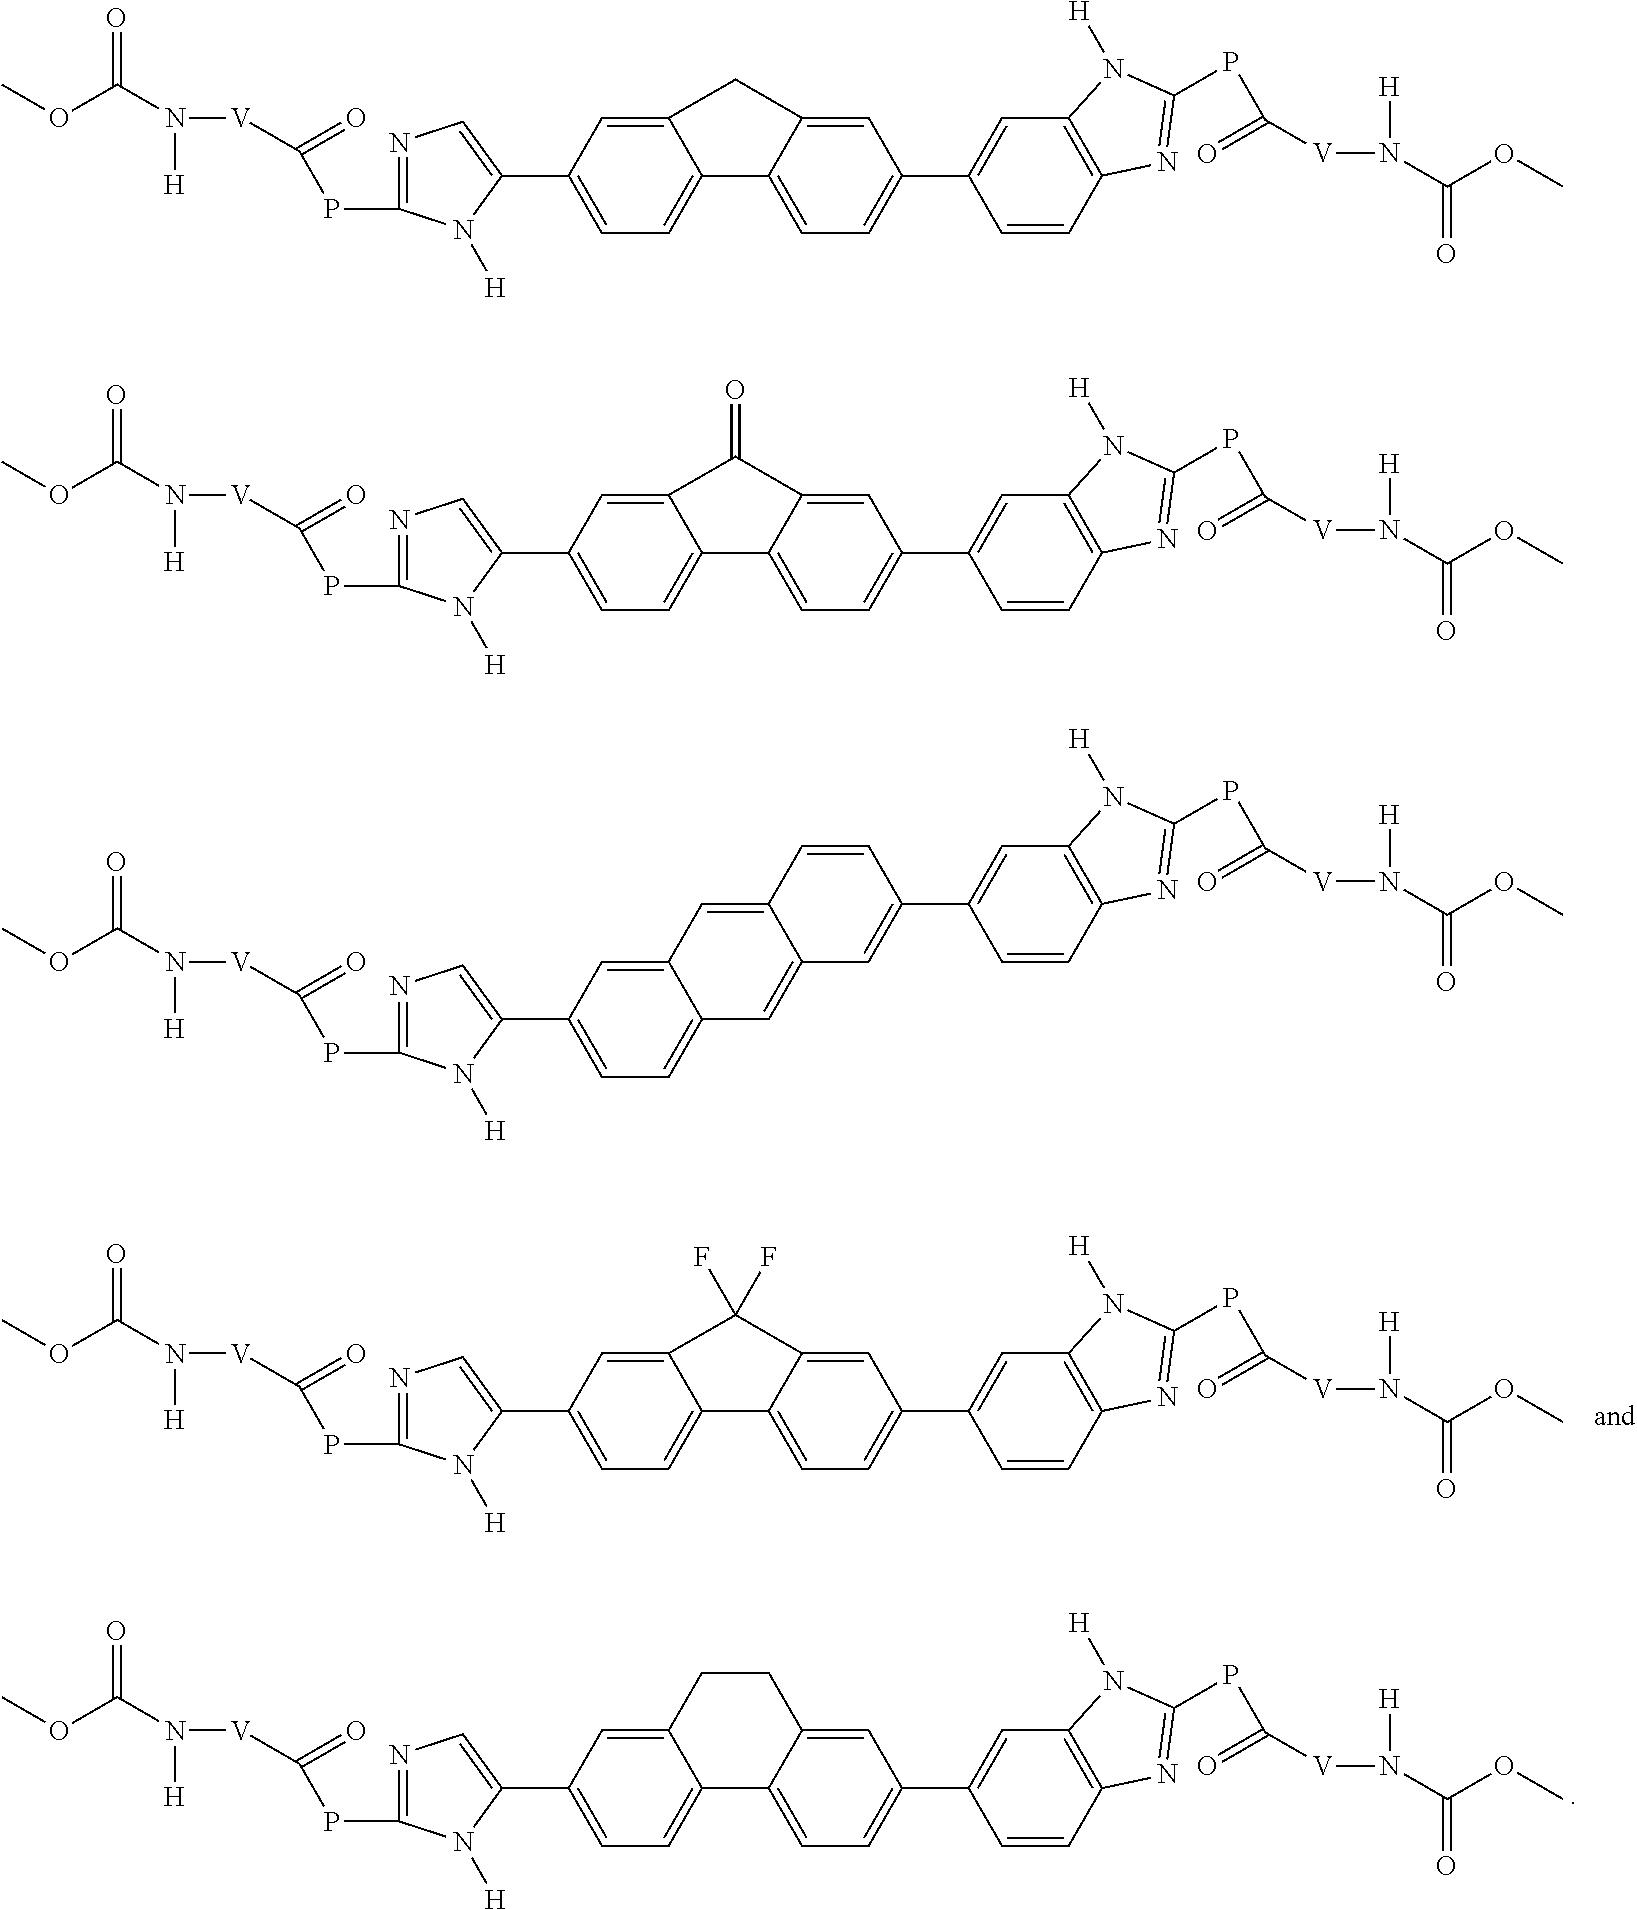 Figure US08088368-20120103-C00241